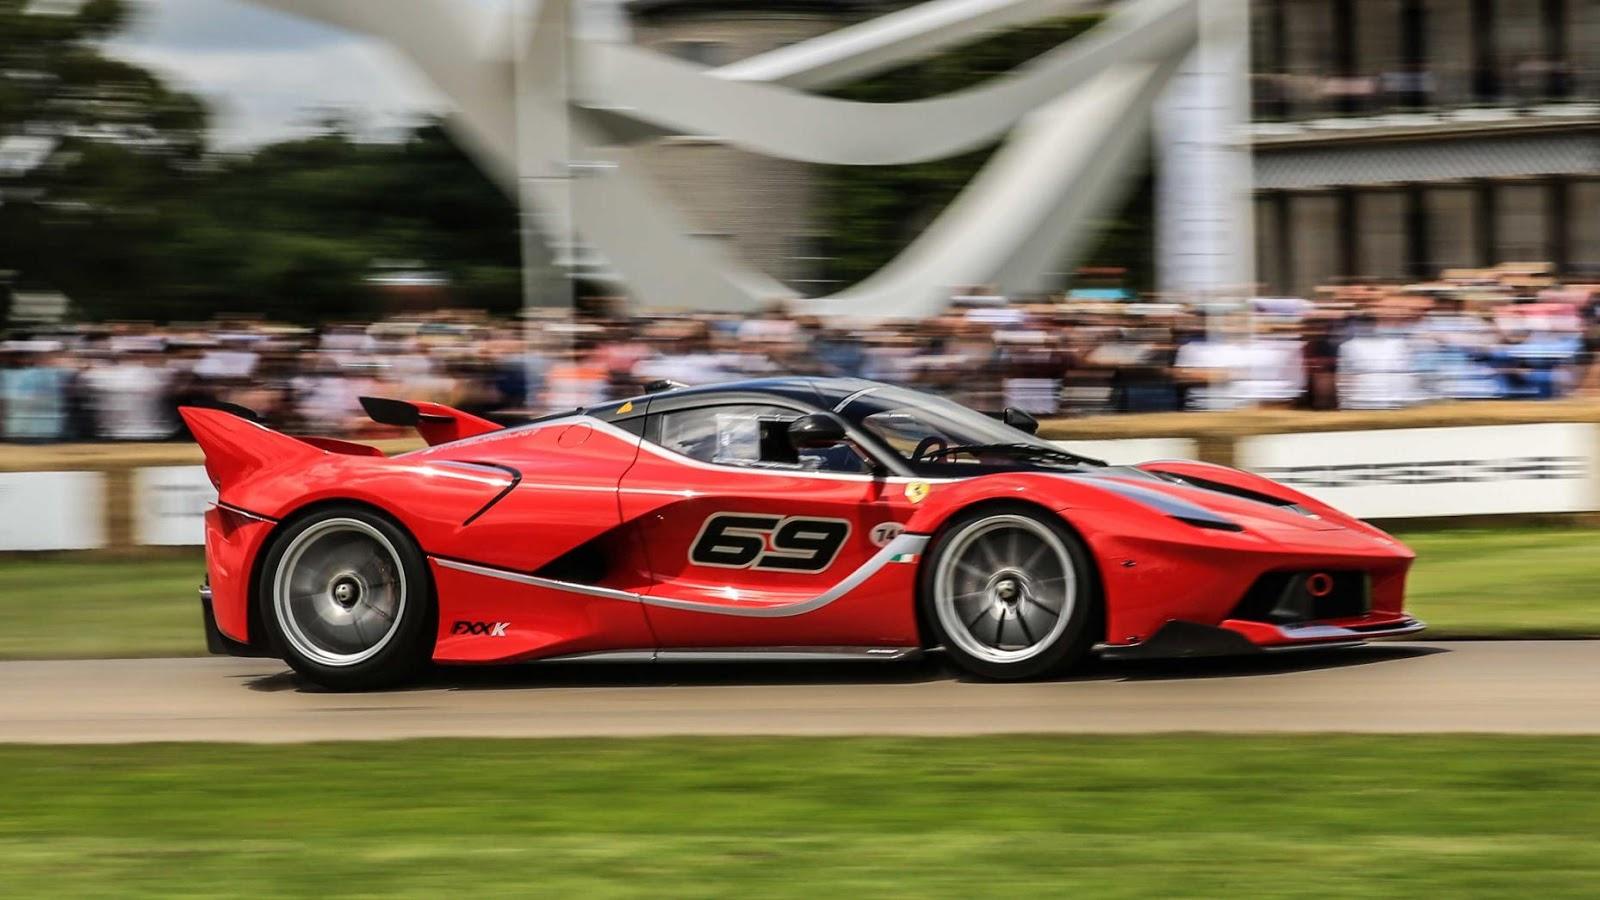 Goodwood Festival of Speed năm nay quá thành công & hoành tráng